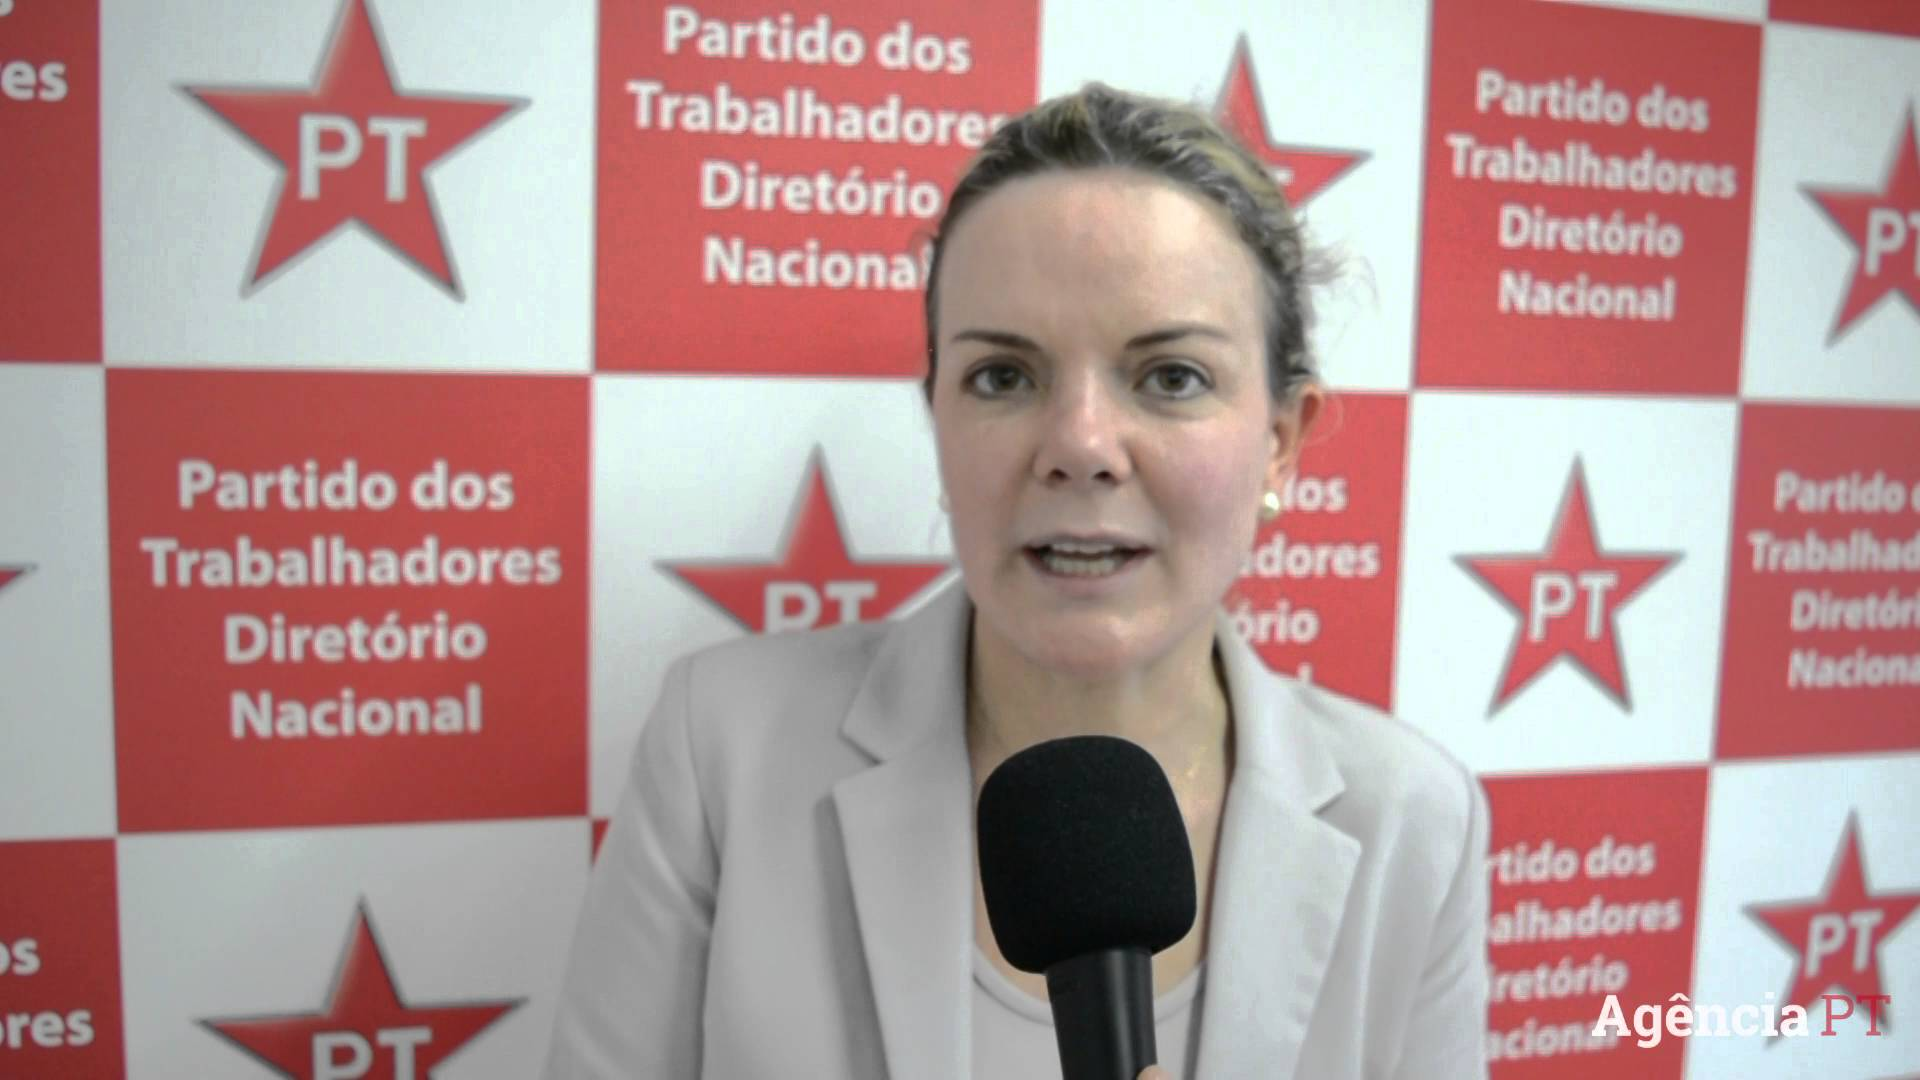 """Revista feminina Marie Claire publica """"fake news"""" ao anunciar Gleisi como candidata ao governo do Paraná"""